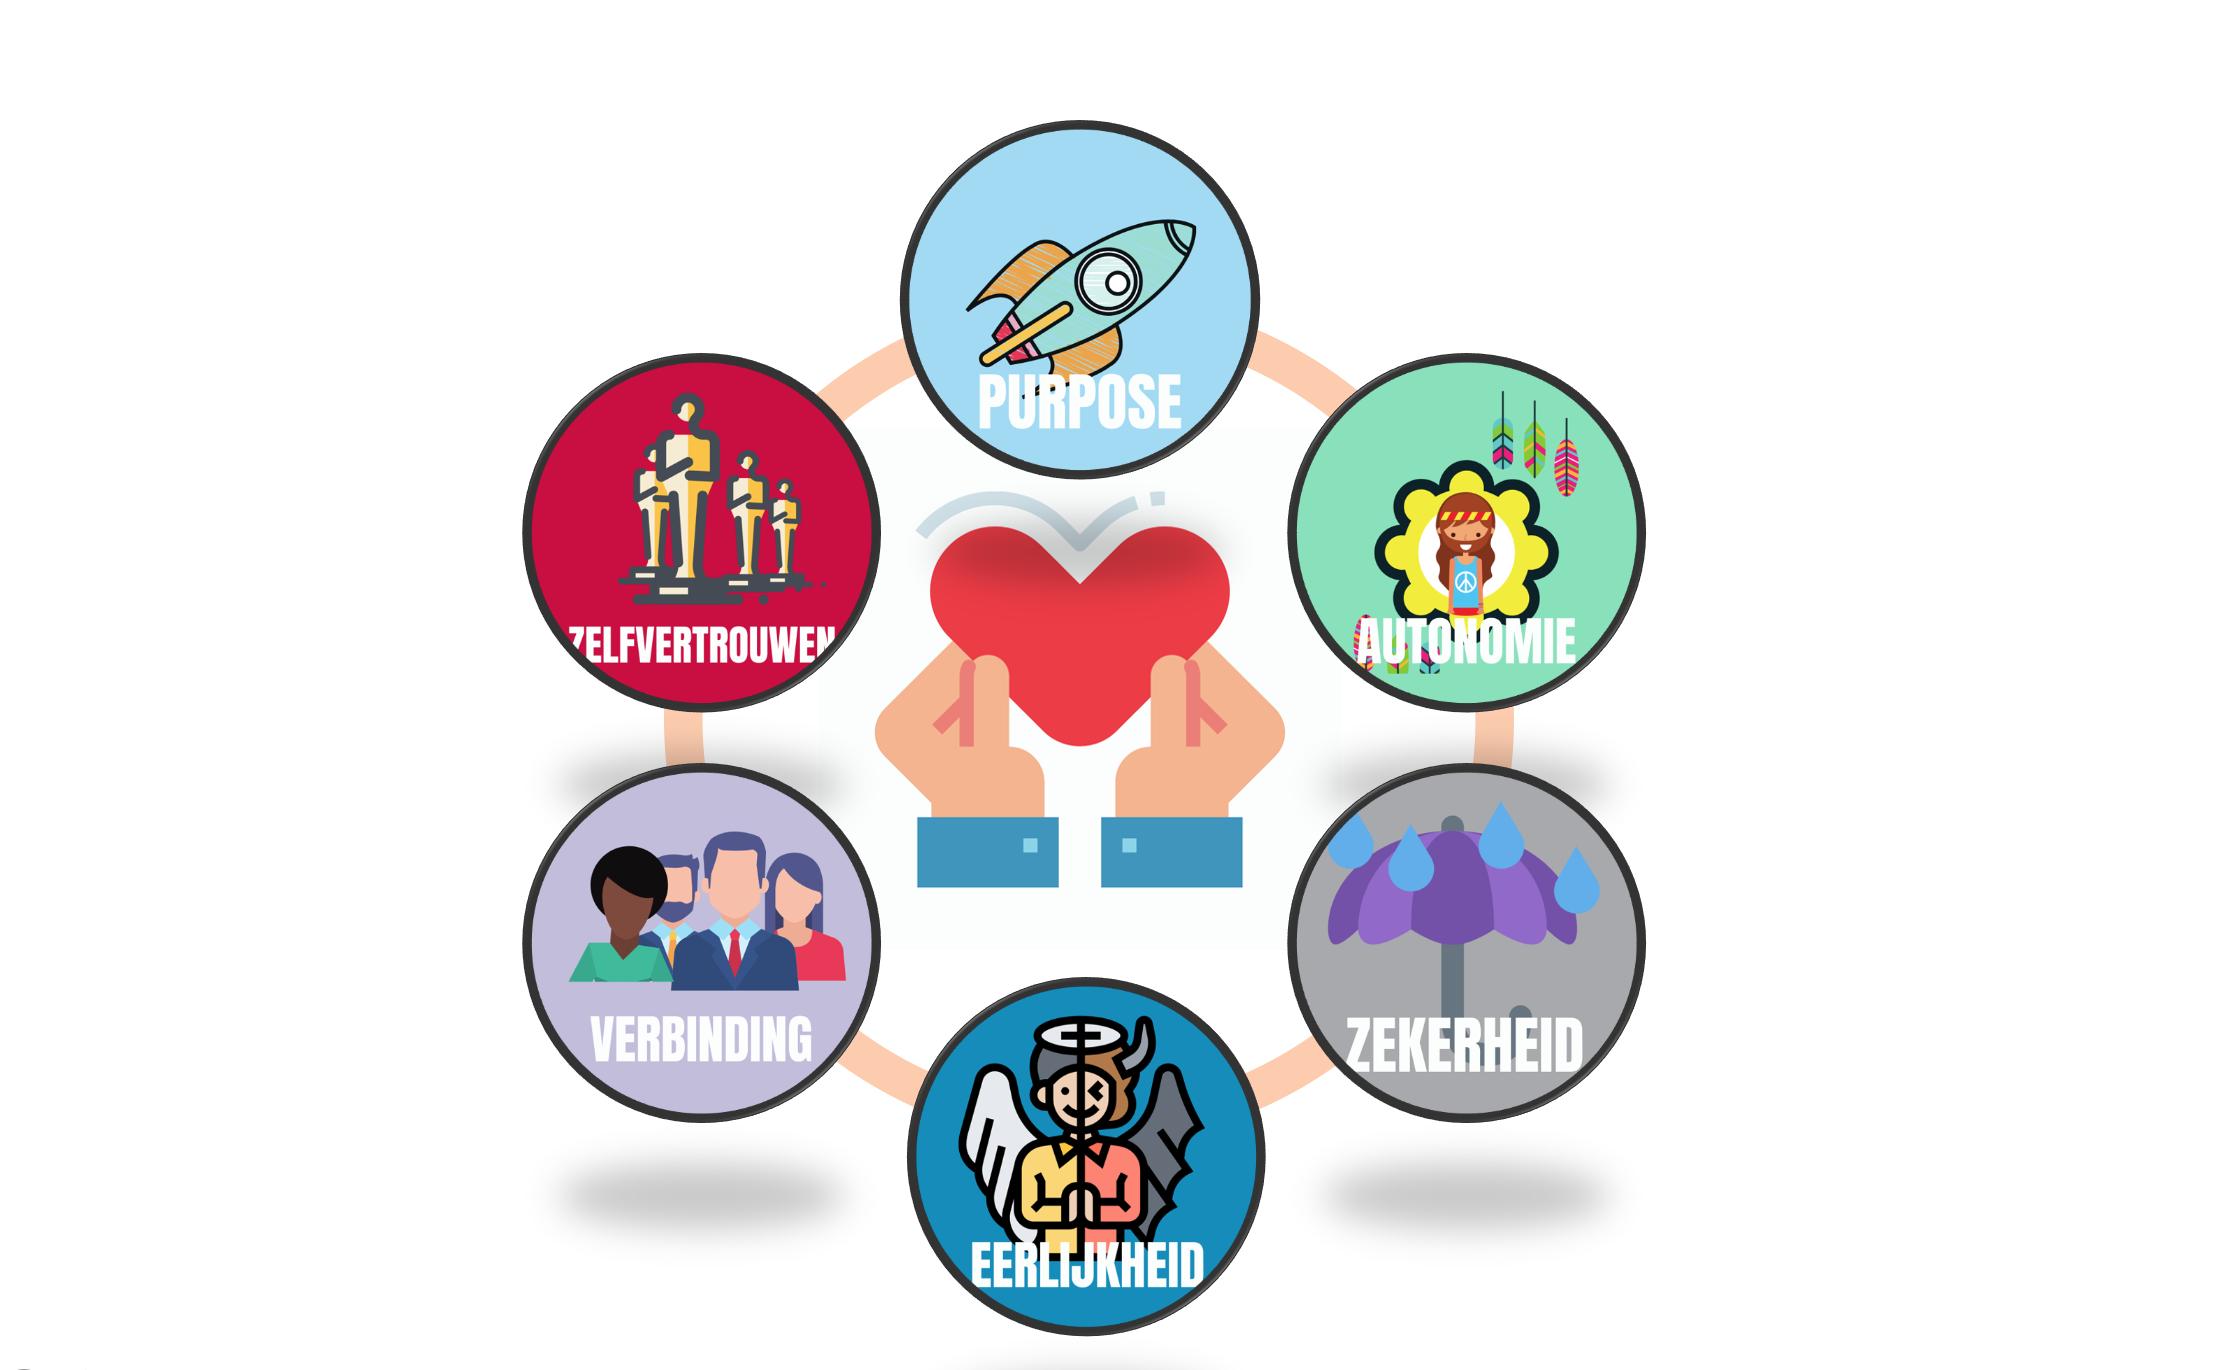 6 elementen infographic verandercommunicatie.